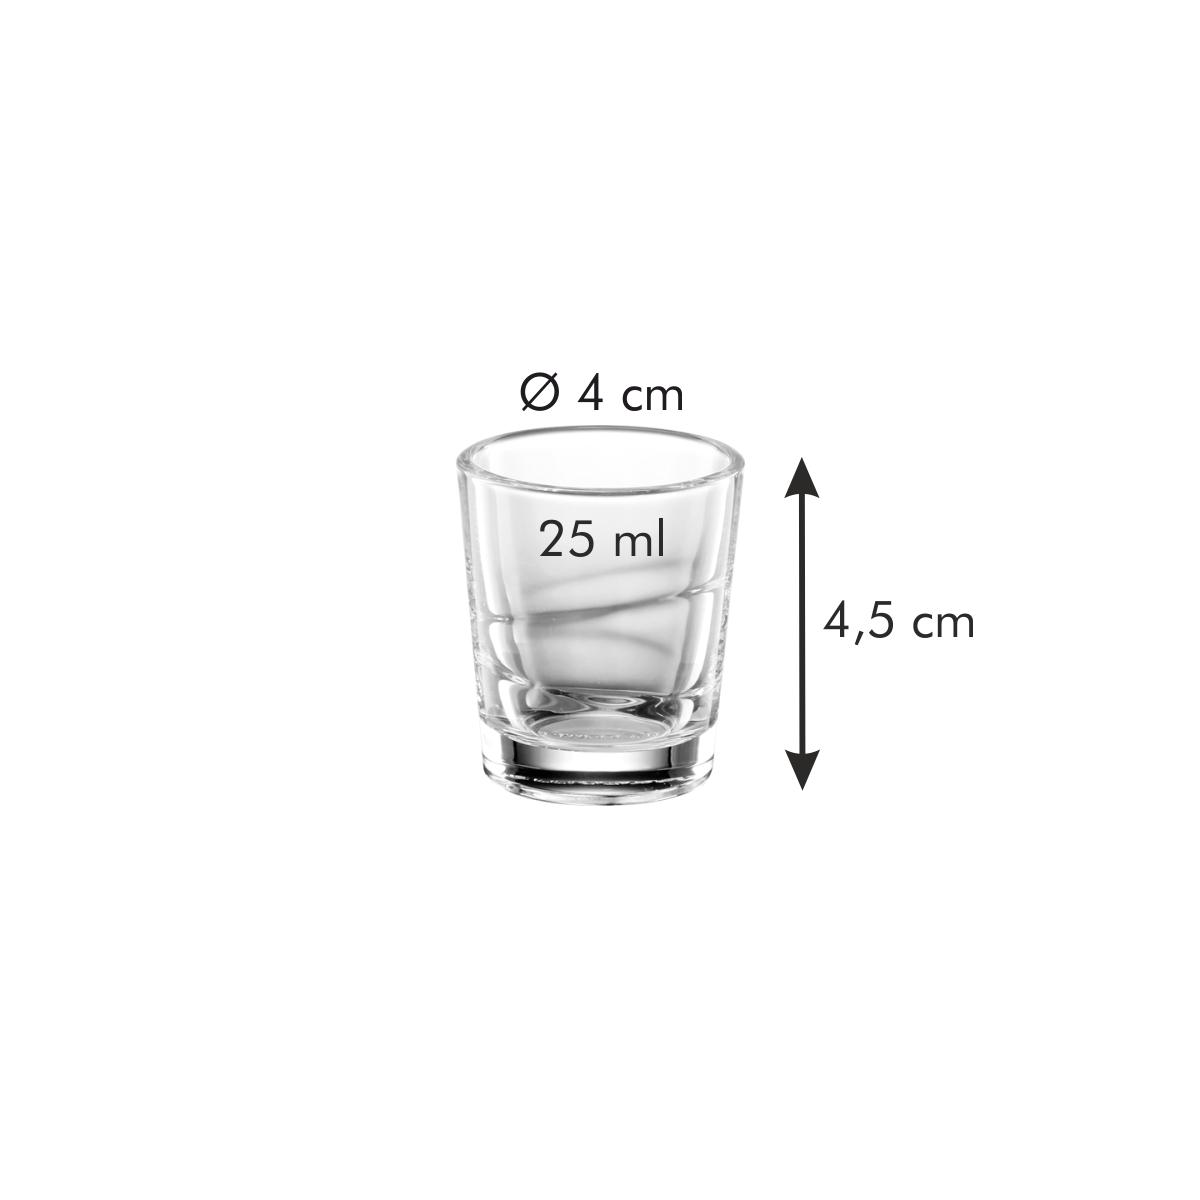 Panák myDRINK 25 ml